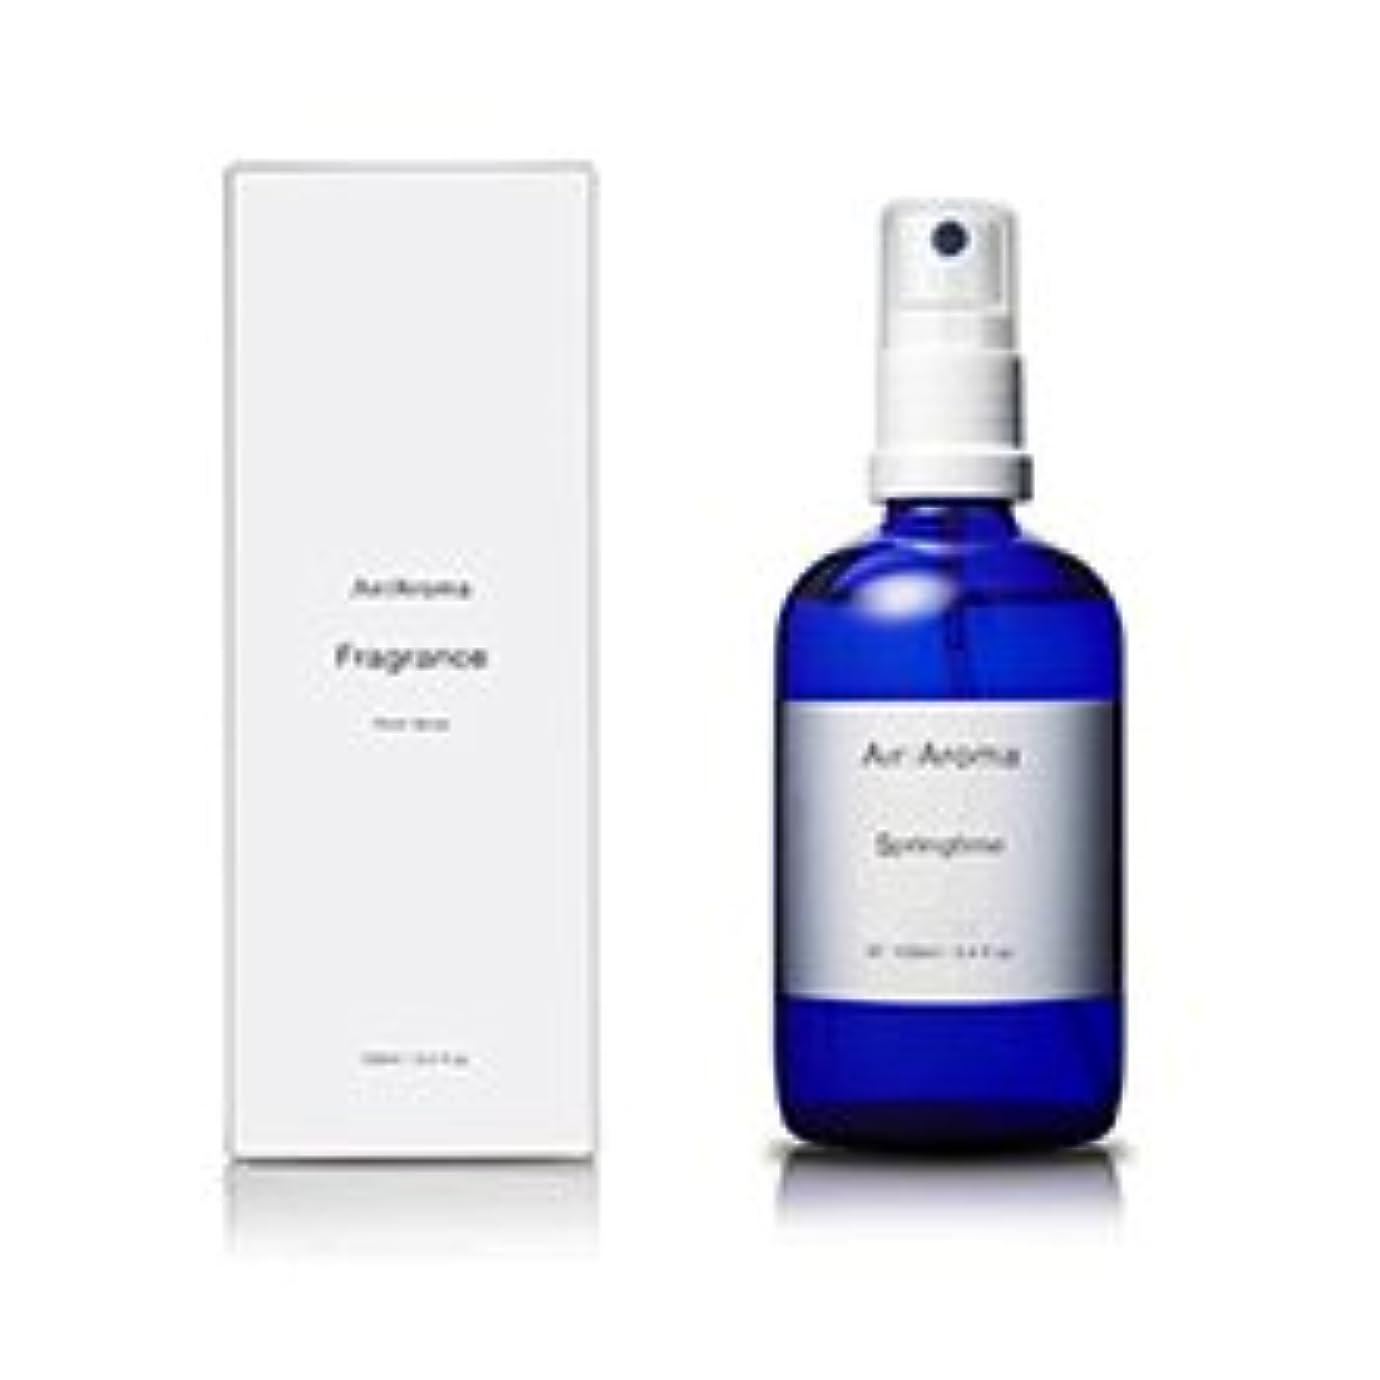 ブーム痛いコントローラエアアロマ springtime room fragrance(スプリングタイム ルームフレグランス)100ml